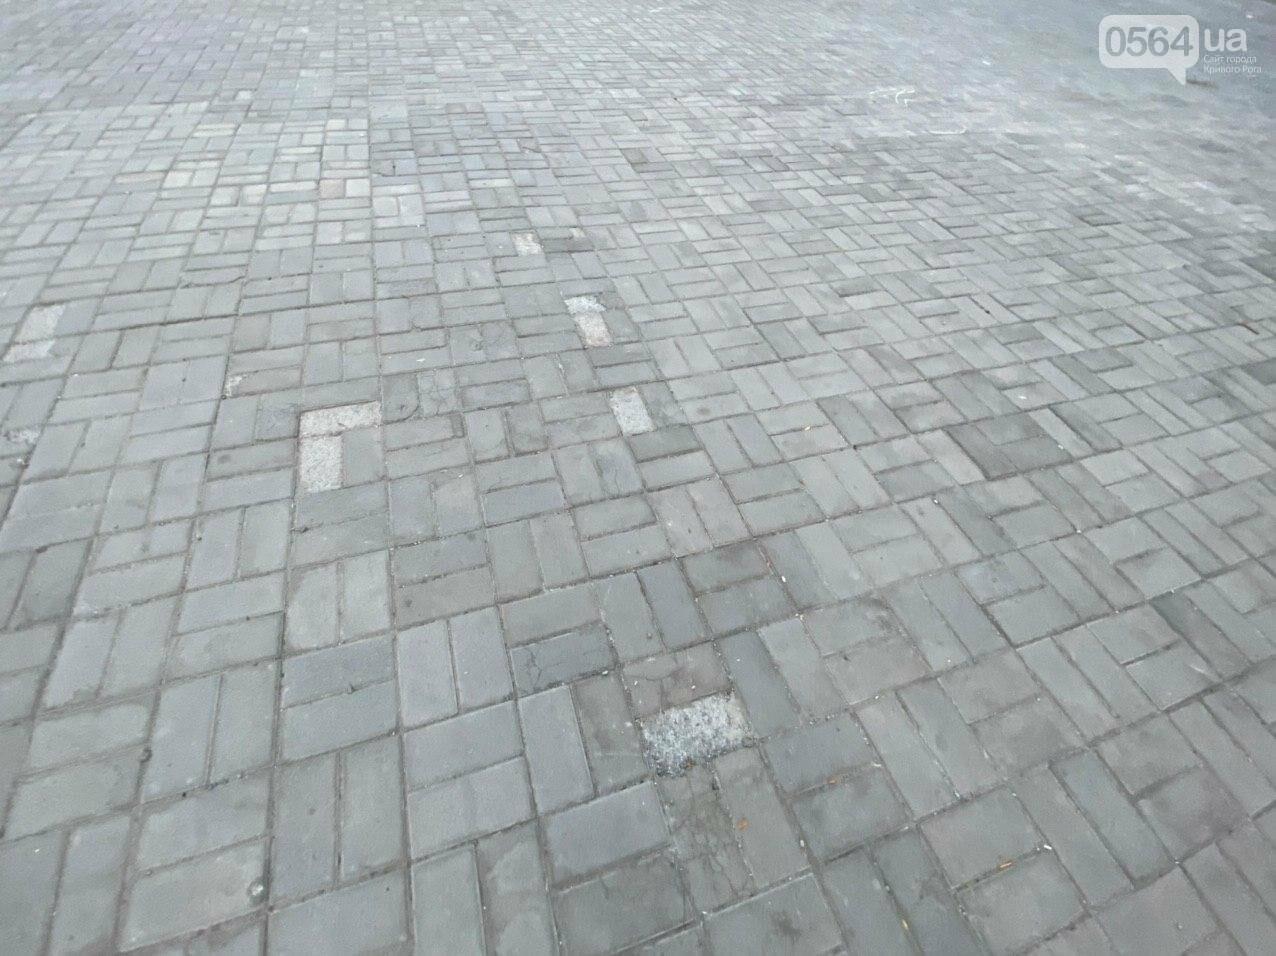 Второй раз по гарантийному договору будут менять плитку под райисполкомом в Кривом Роге, - ФОТО , фото-34